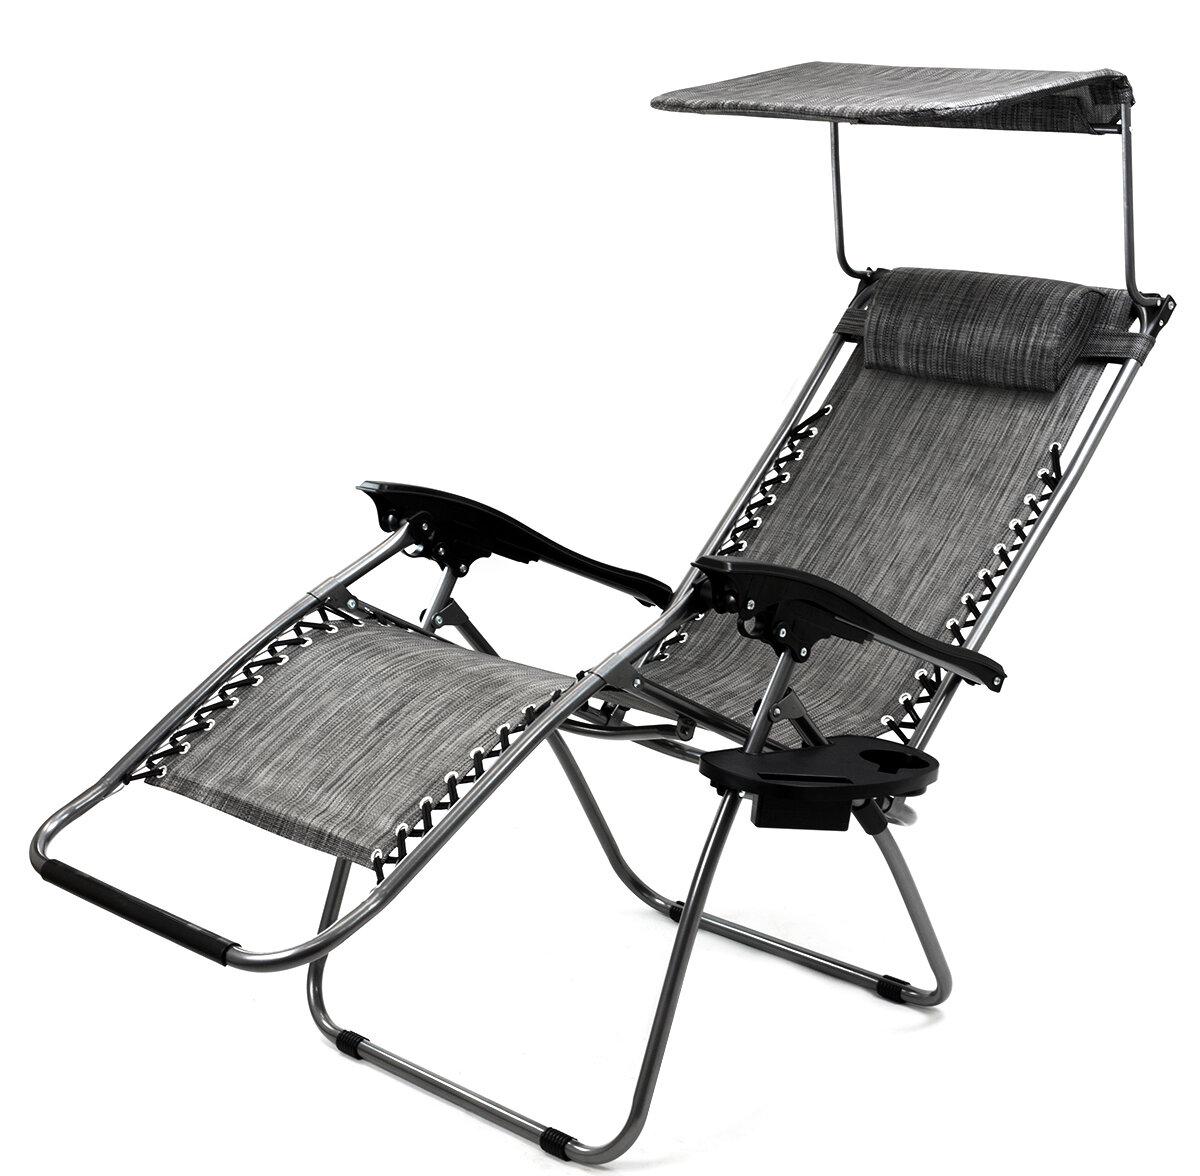 Sunshade Reclining Zero Gravity Chair With Cushion